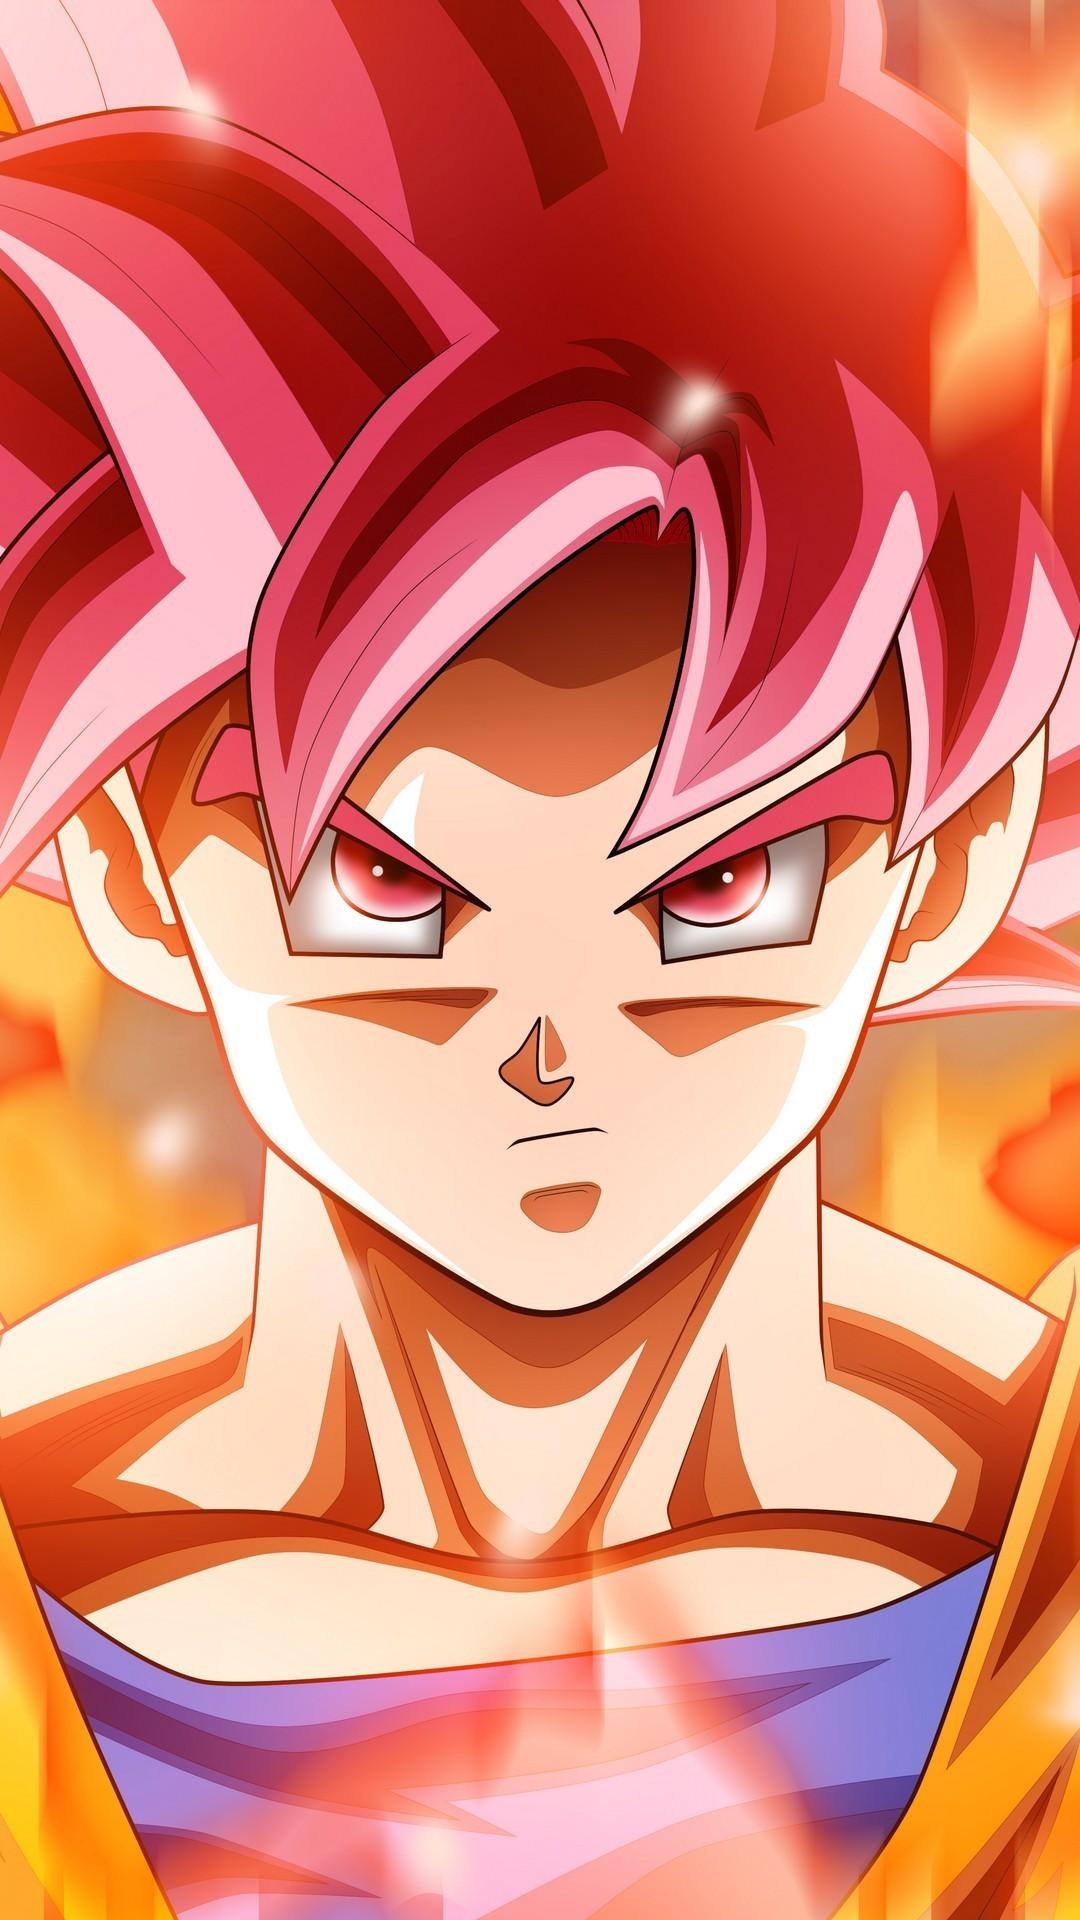 Angry Goku Super Saiyan God